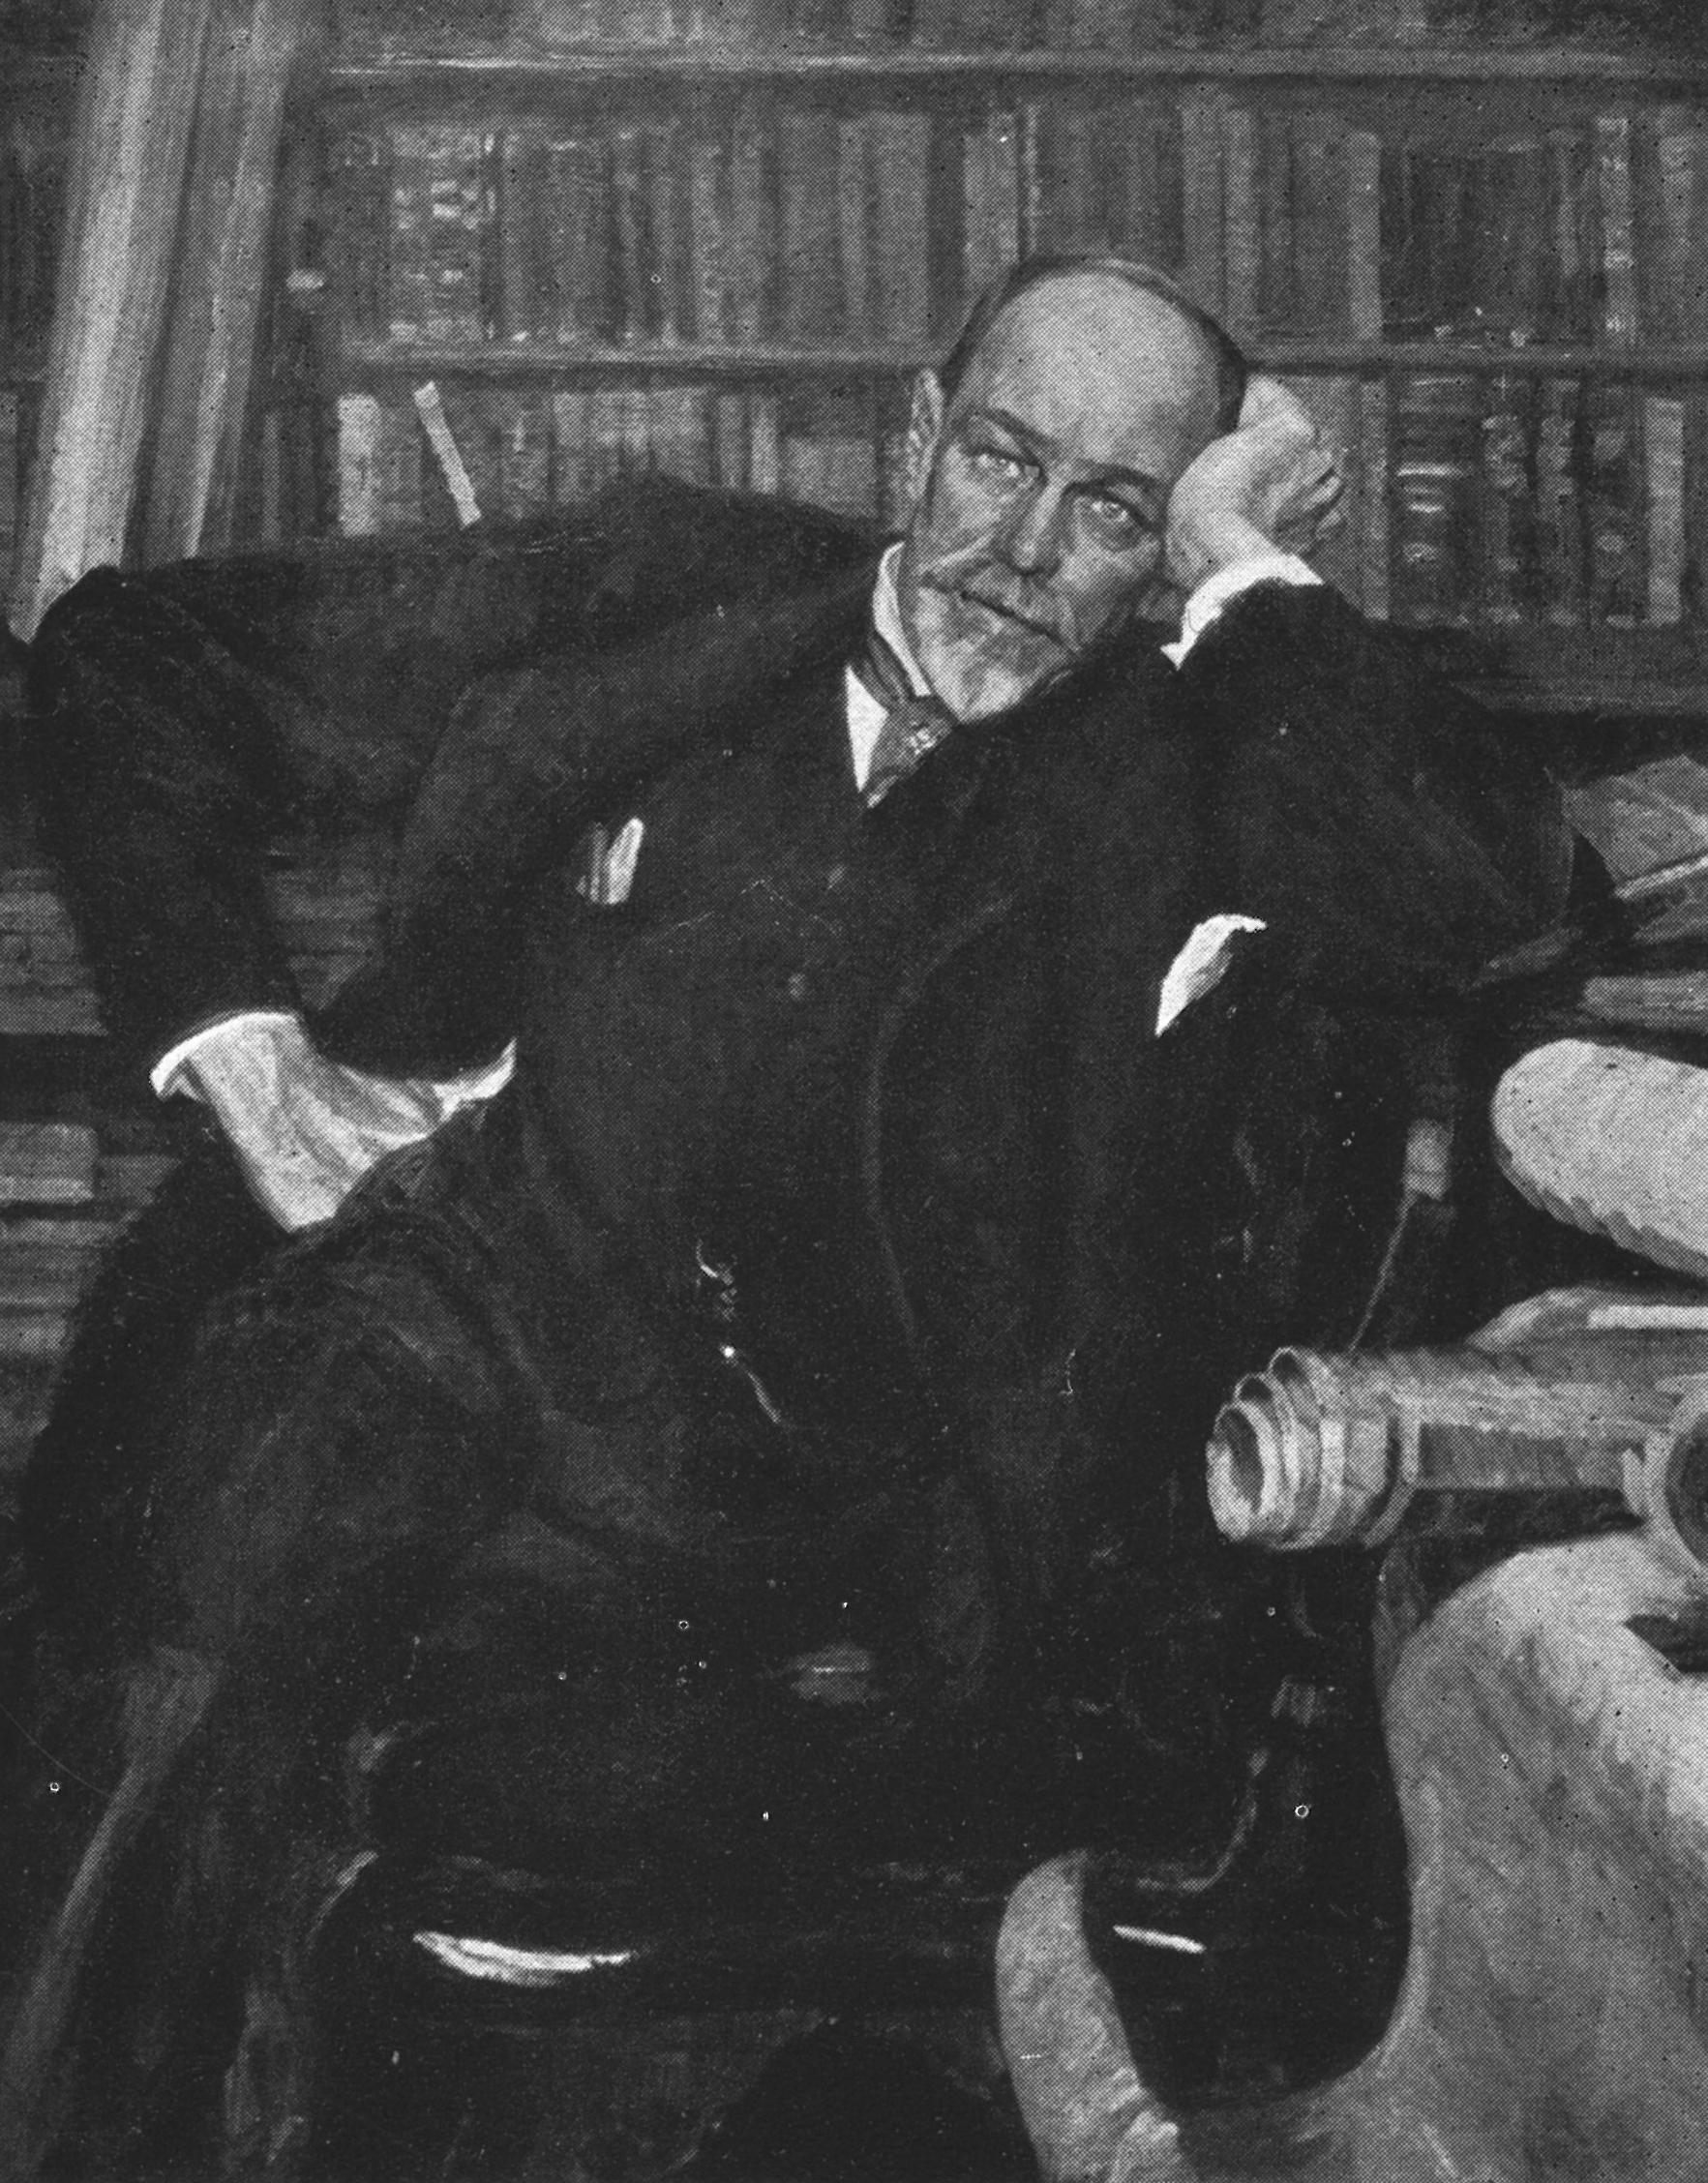 ファイル ekman gustaf av richard bergh 1912 jpg wikipedia